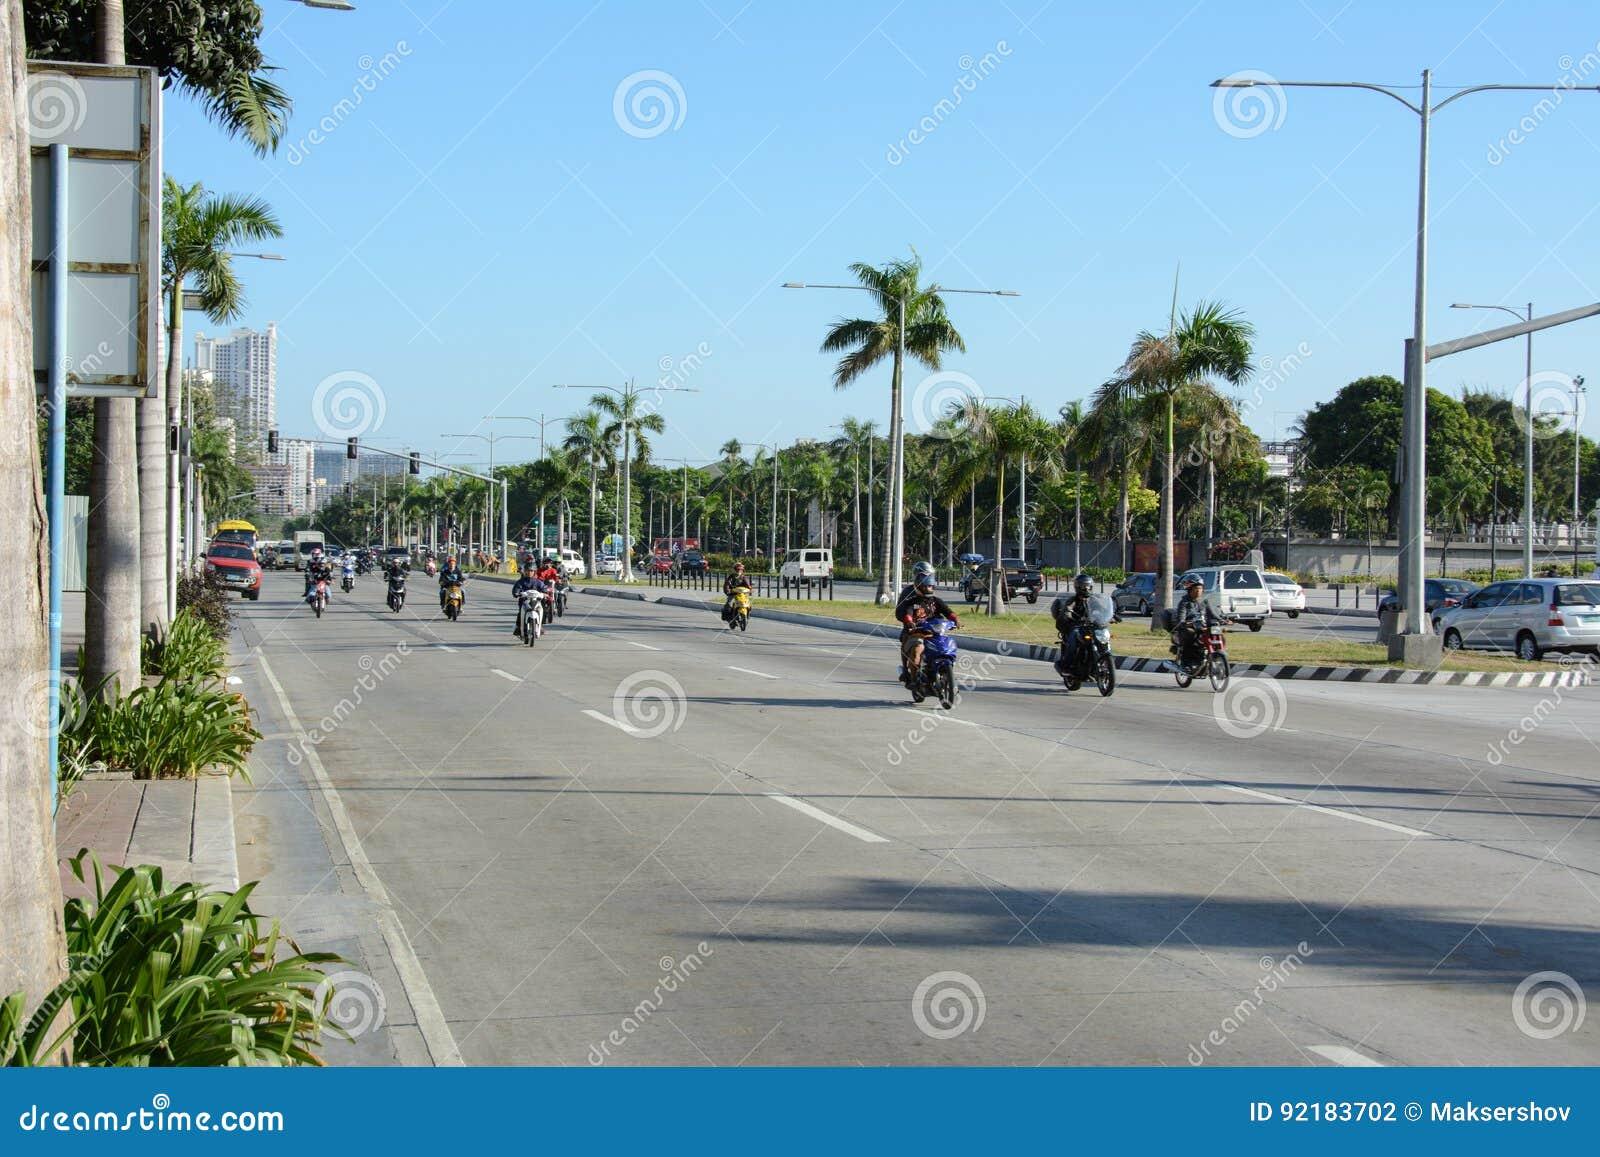 Манила, Филиппины - 8-ое марта 2016: Движение на обычной улице в Маниле